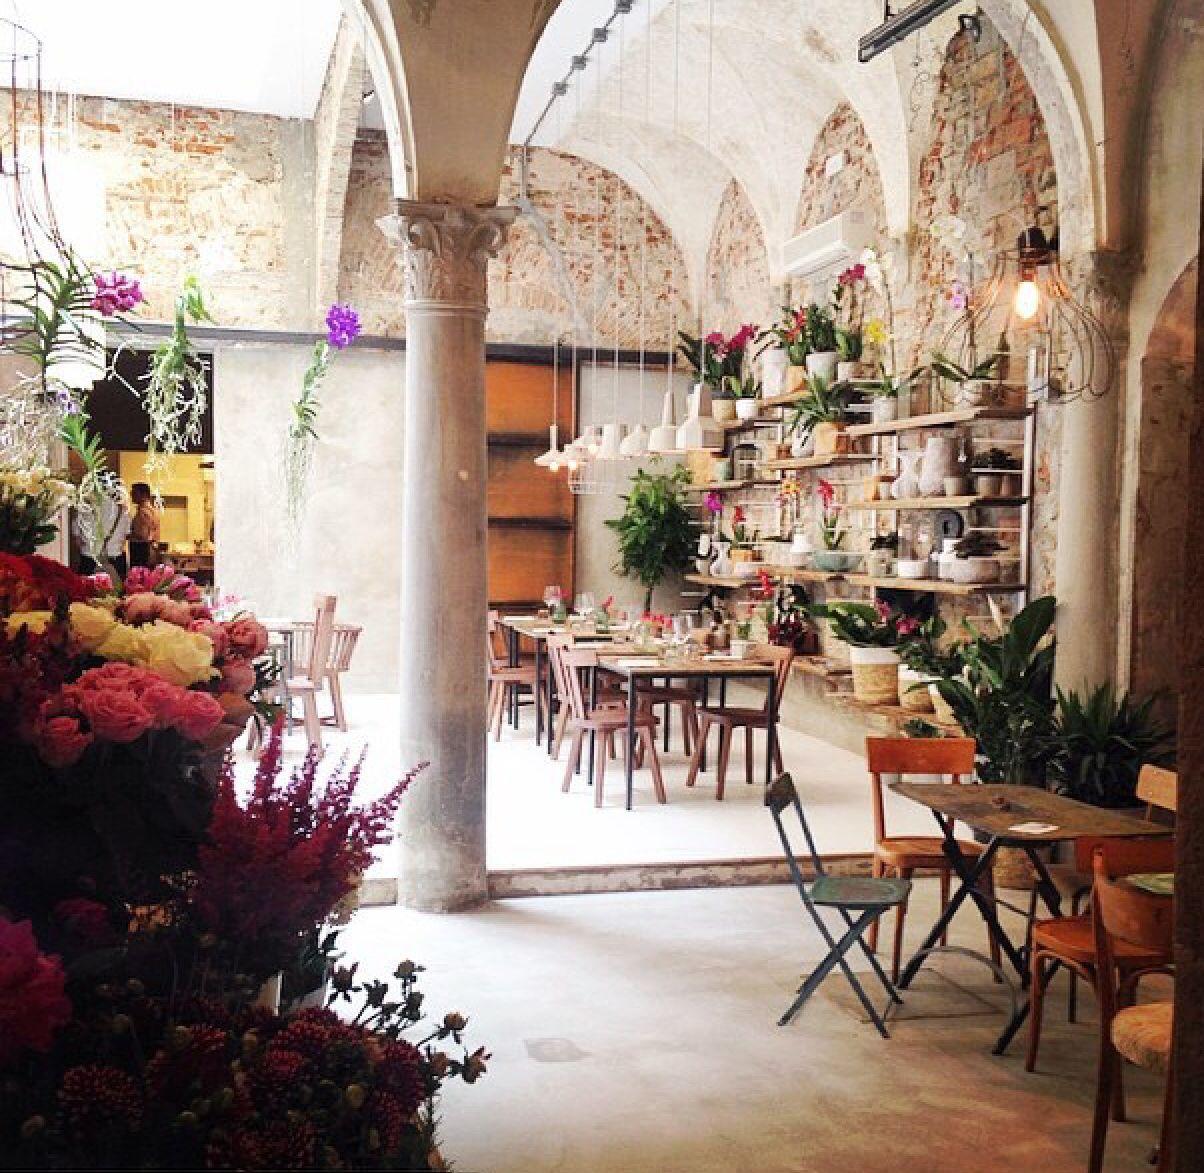 La Menagerie In Florence Florence Cafe Hostels Design Restaurant Design